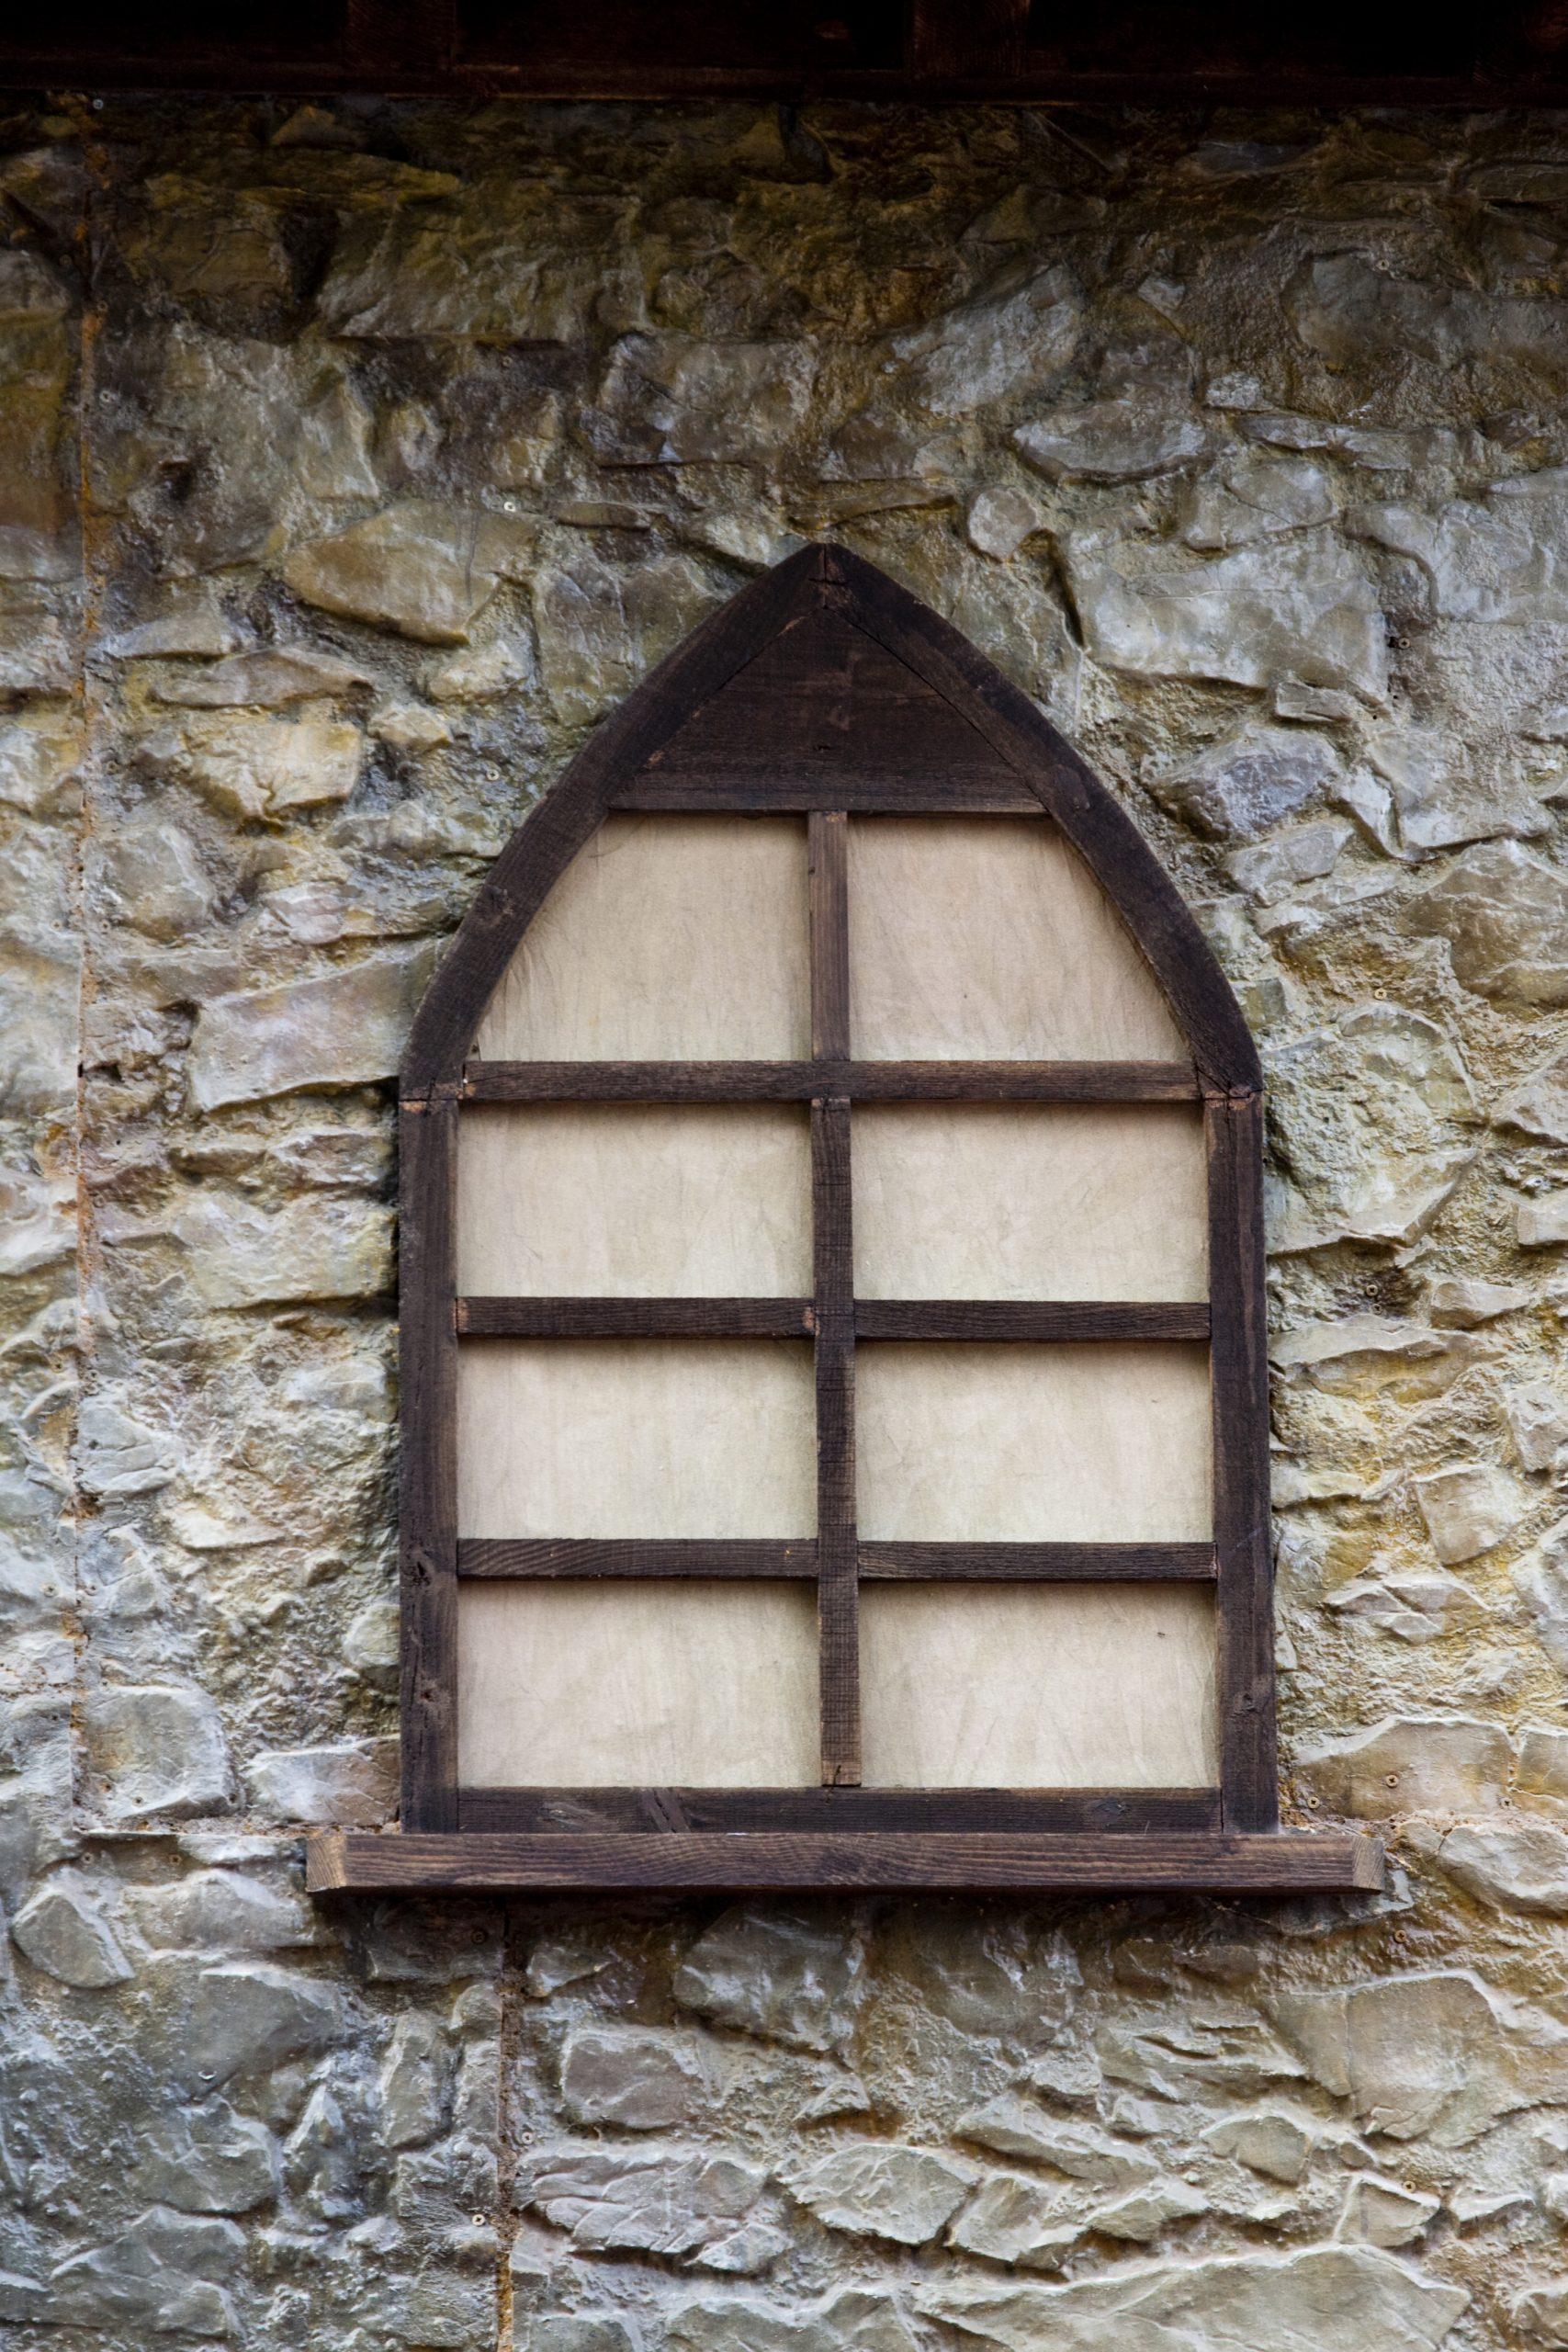 Full Size of Polnische Fenster Fensterbauer Mit Montage Polen Fensterhersteller Kaufen Suche Firma Erfahrungen Auswechseln Der Fensterrahmen Und Wanddmmschicht Tauschen Fenster Polnische Fenster